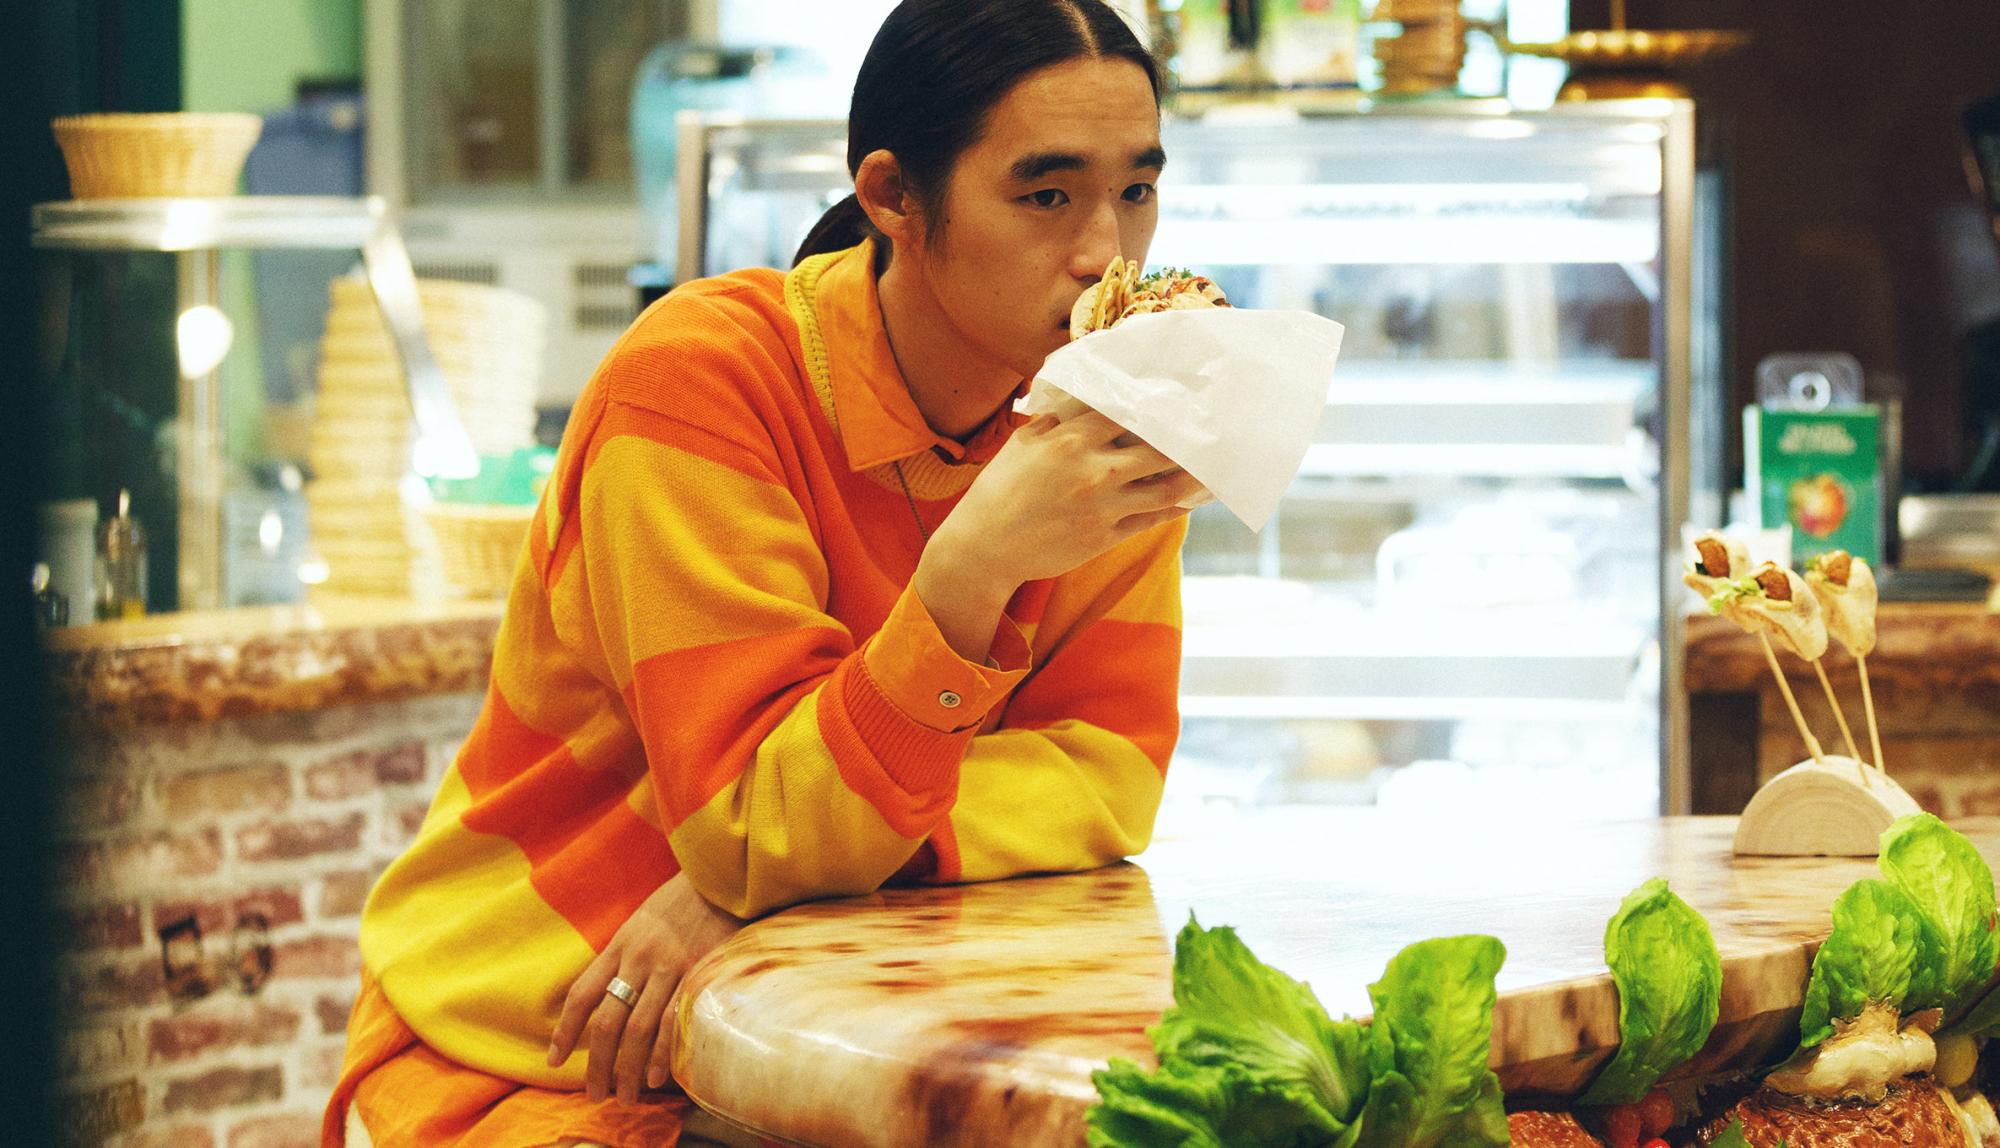 服部恭平×FALAFEL BROTHERS|食べ応え抜群のヴィーガン料理が味わえる、イスラエル発の専門飲食店へ。